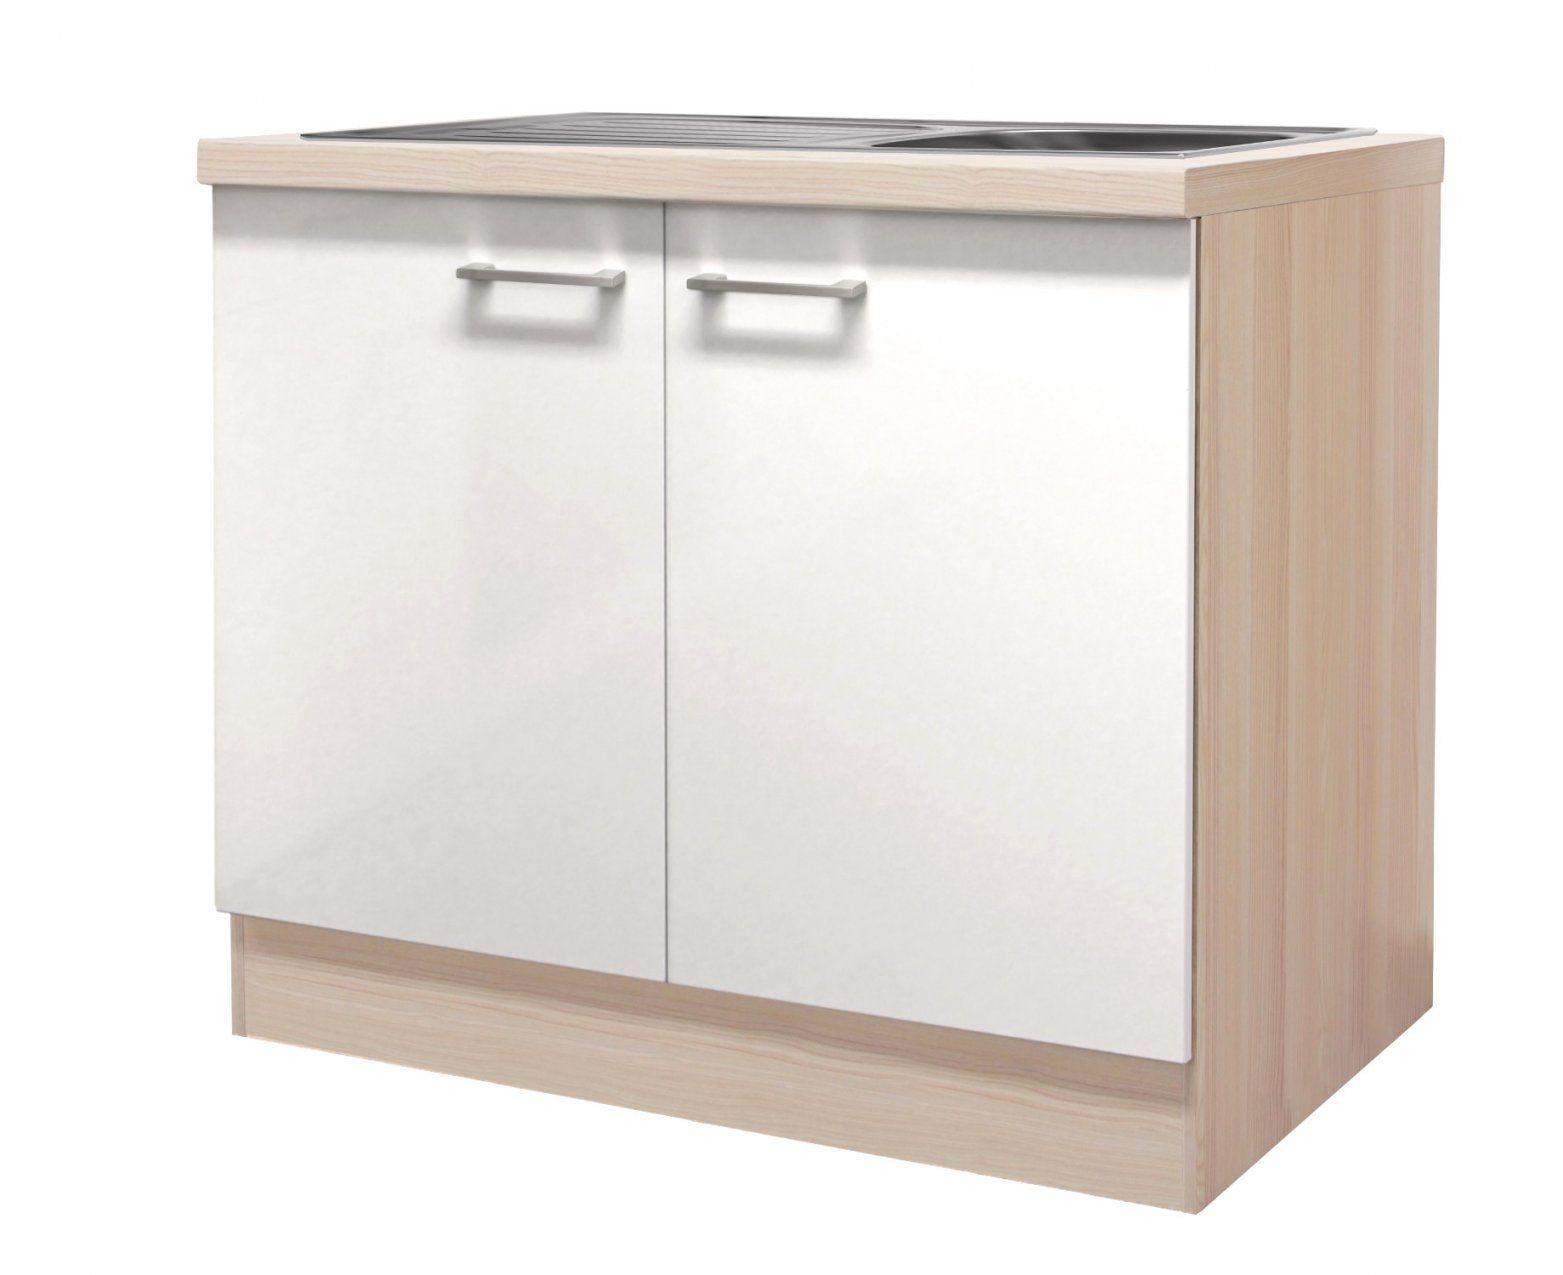 Schöne Ideen Küchen Unterschrank Spüle Und Entzückende Spülenschrank von Küchen Unterschrank Mit Spüle Photo